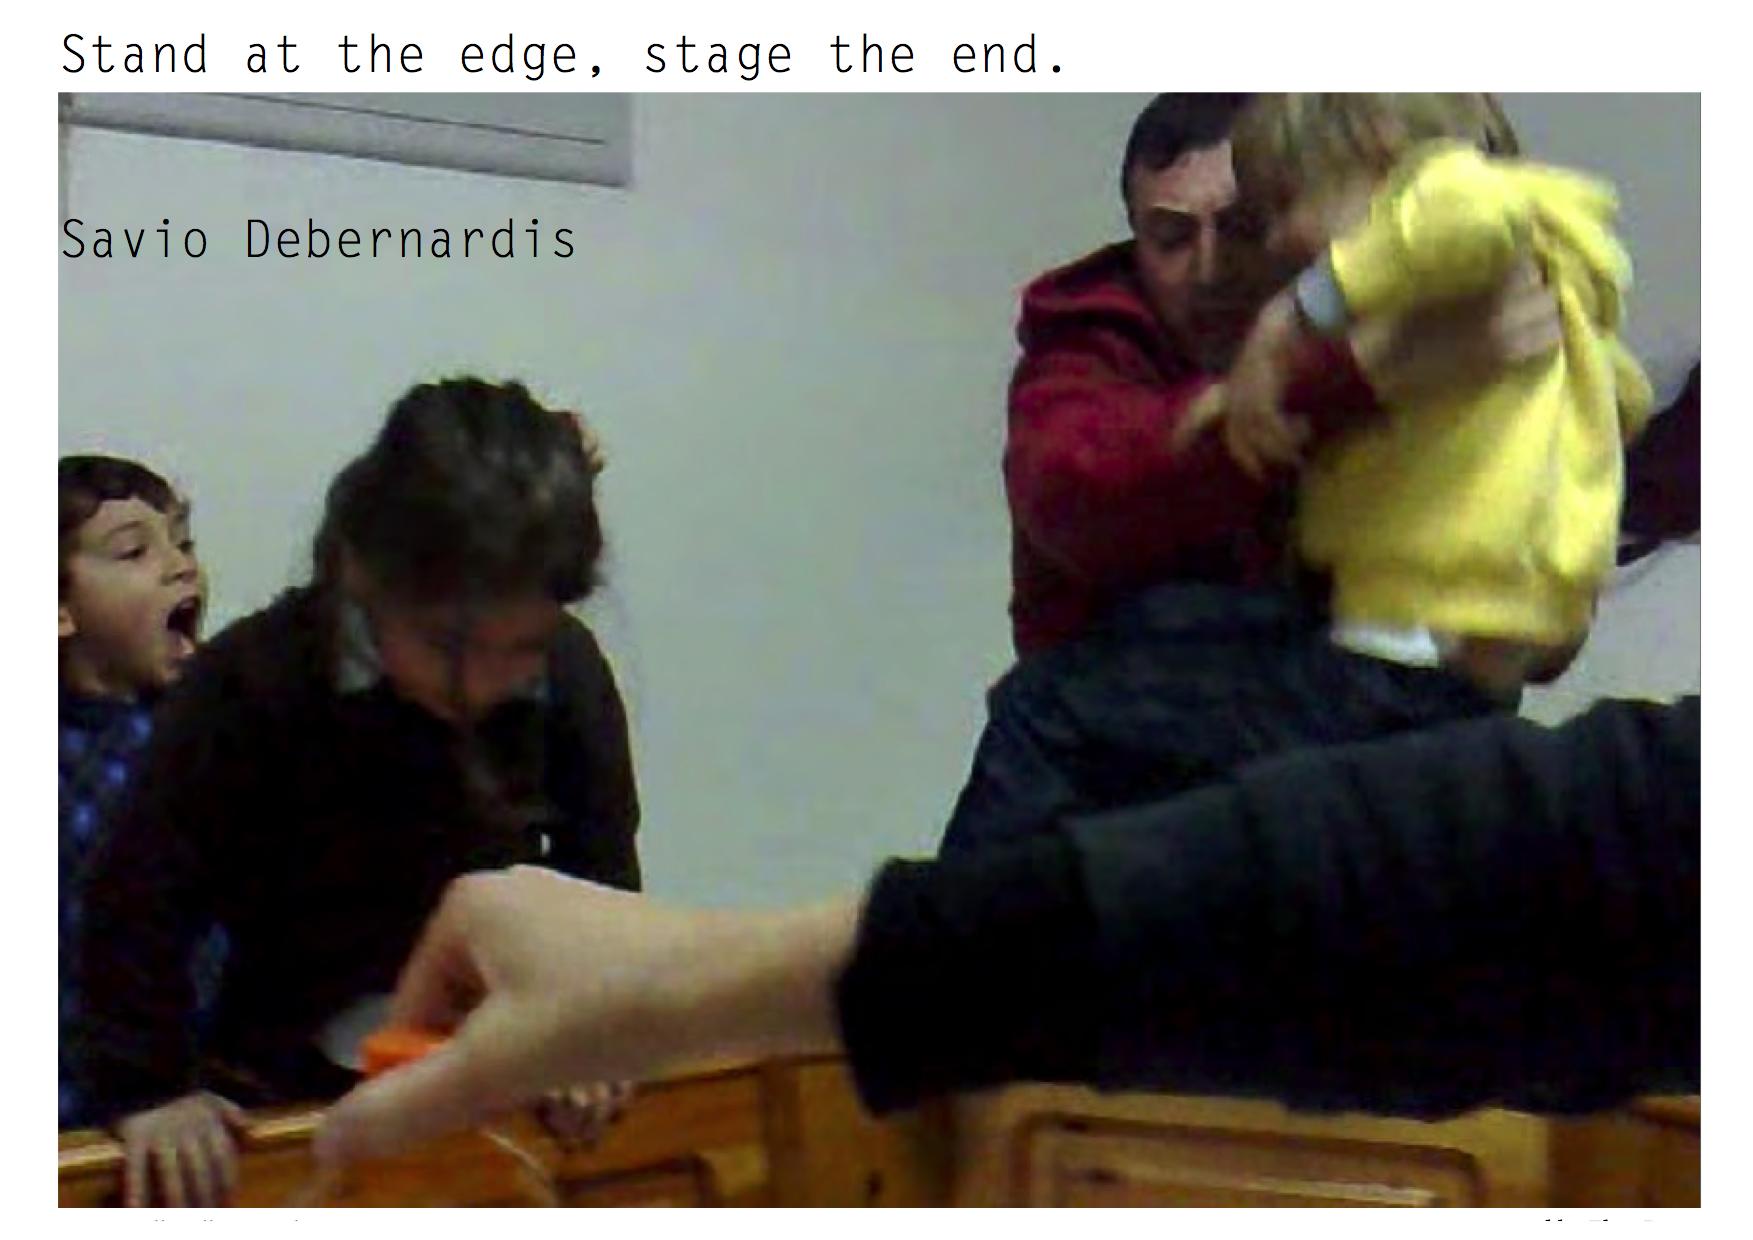 standattheedge_stagetheend_pic.jpg